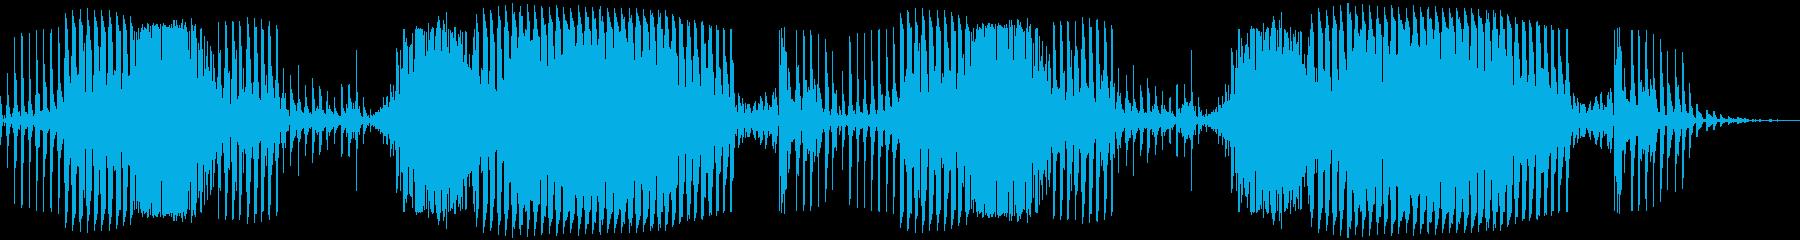 ロボット「MissionFailed」の再生済みの波形